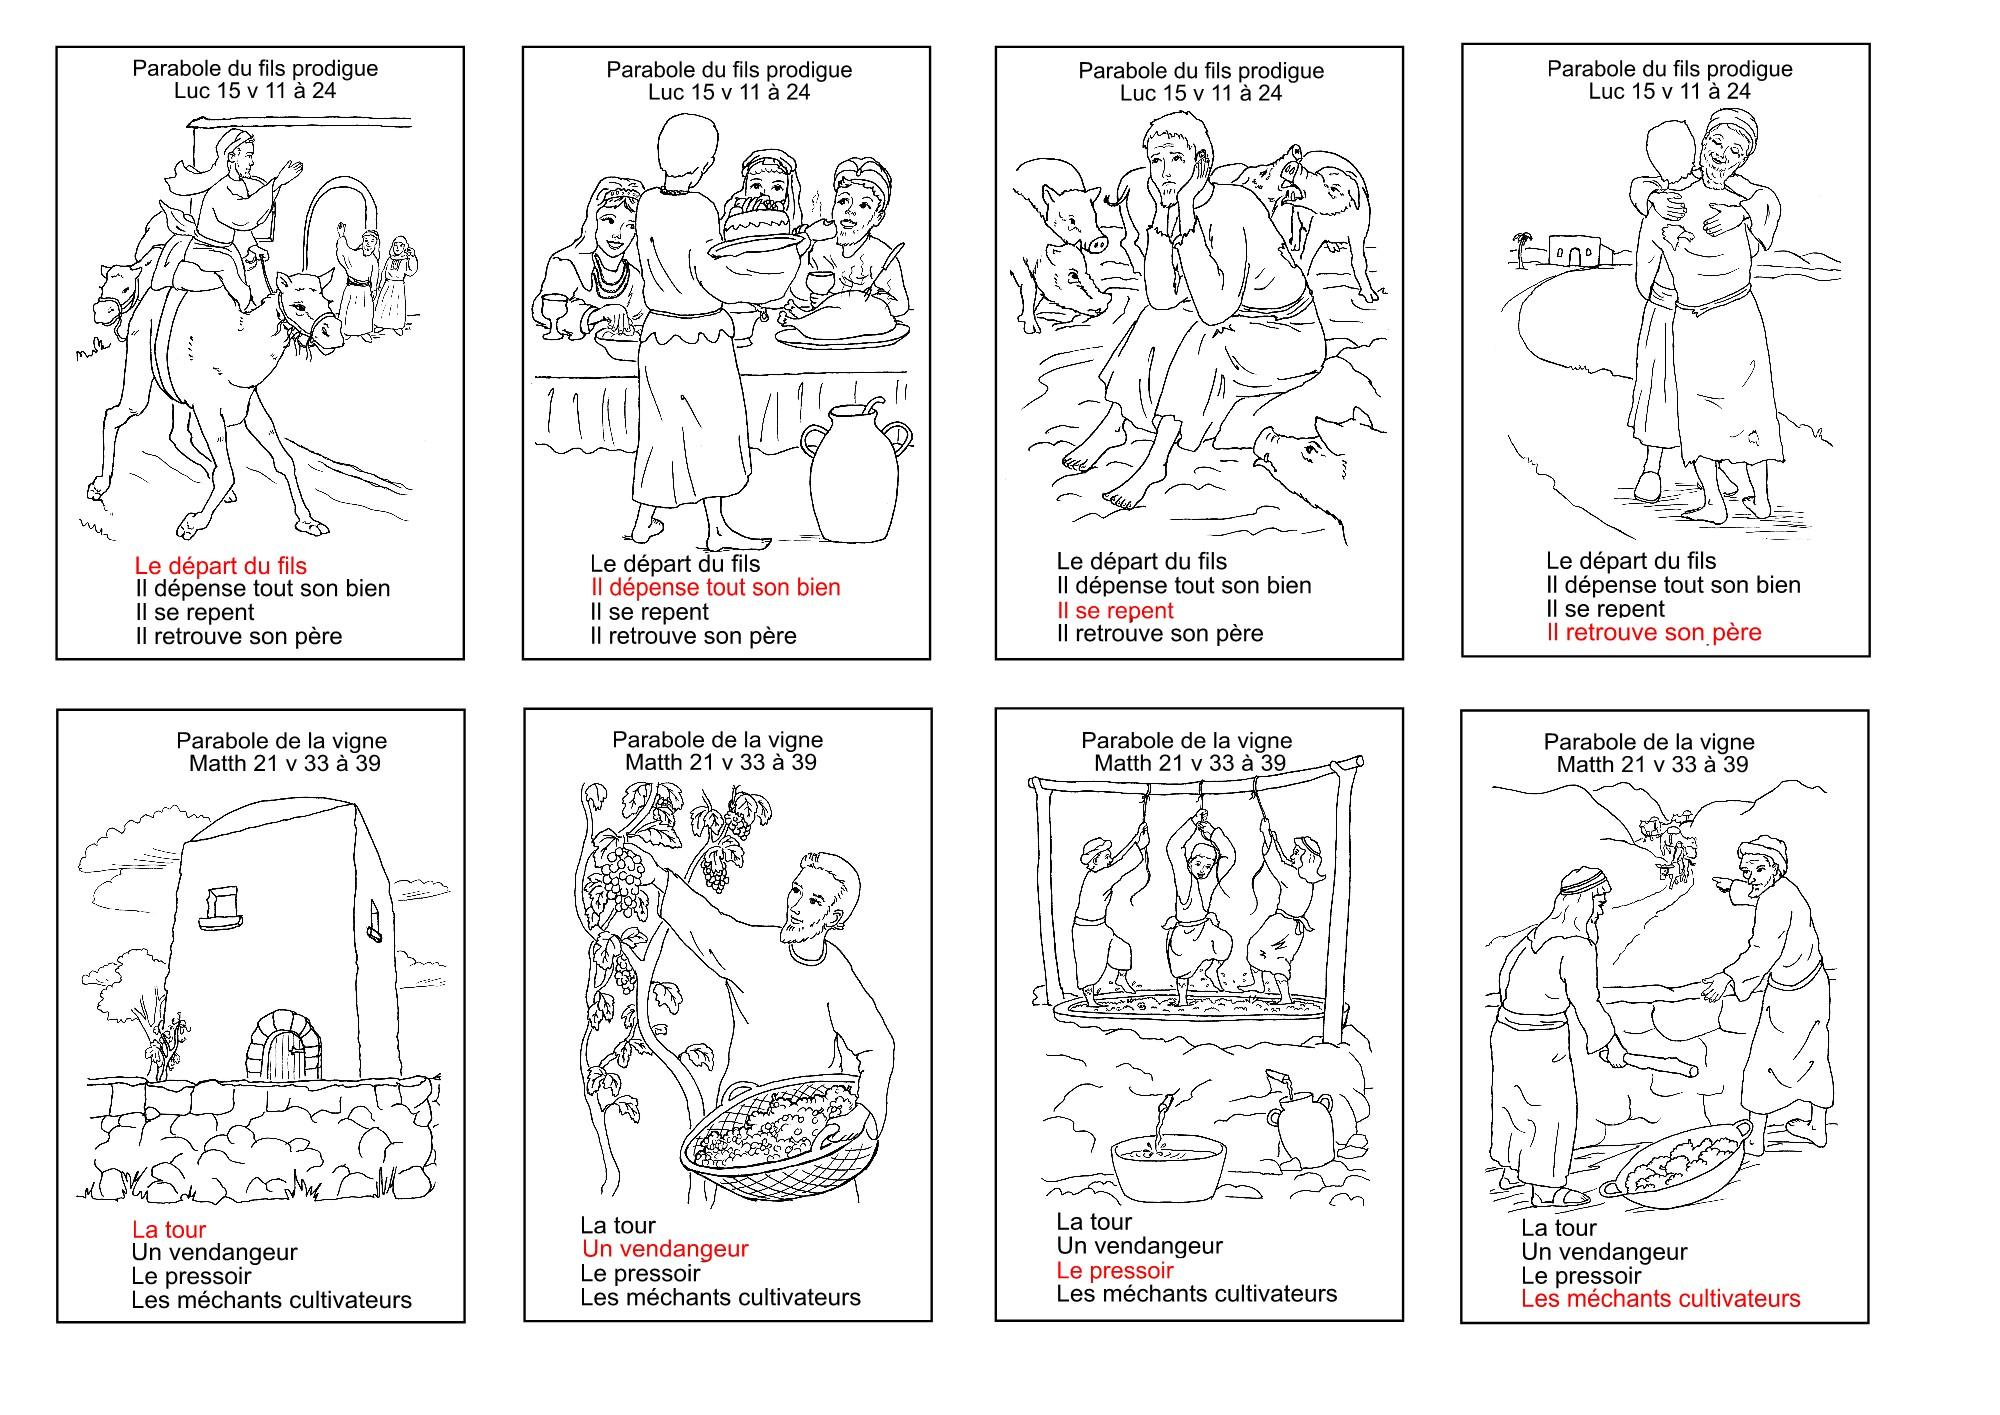 Top jeu de familles sur les parabobles bibliques BJ21